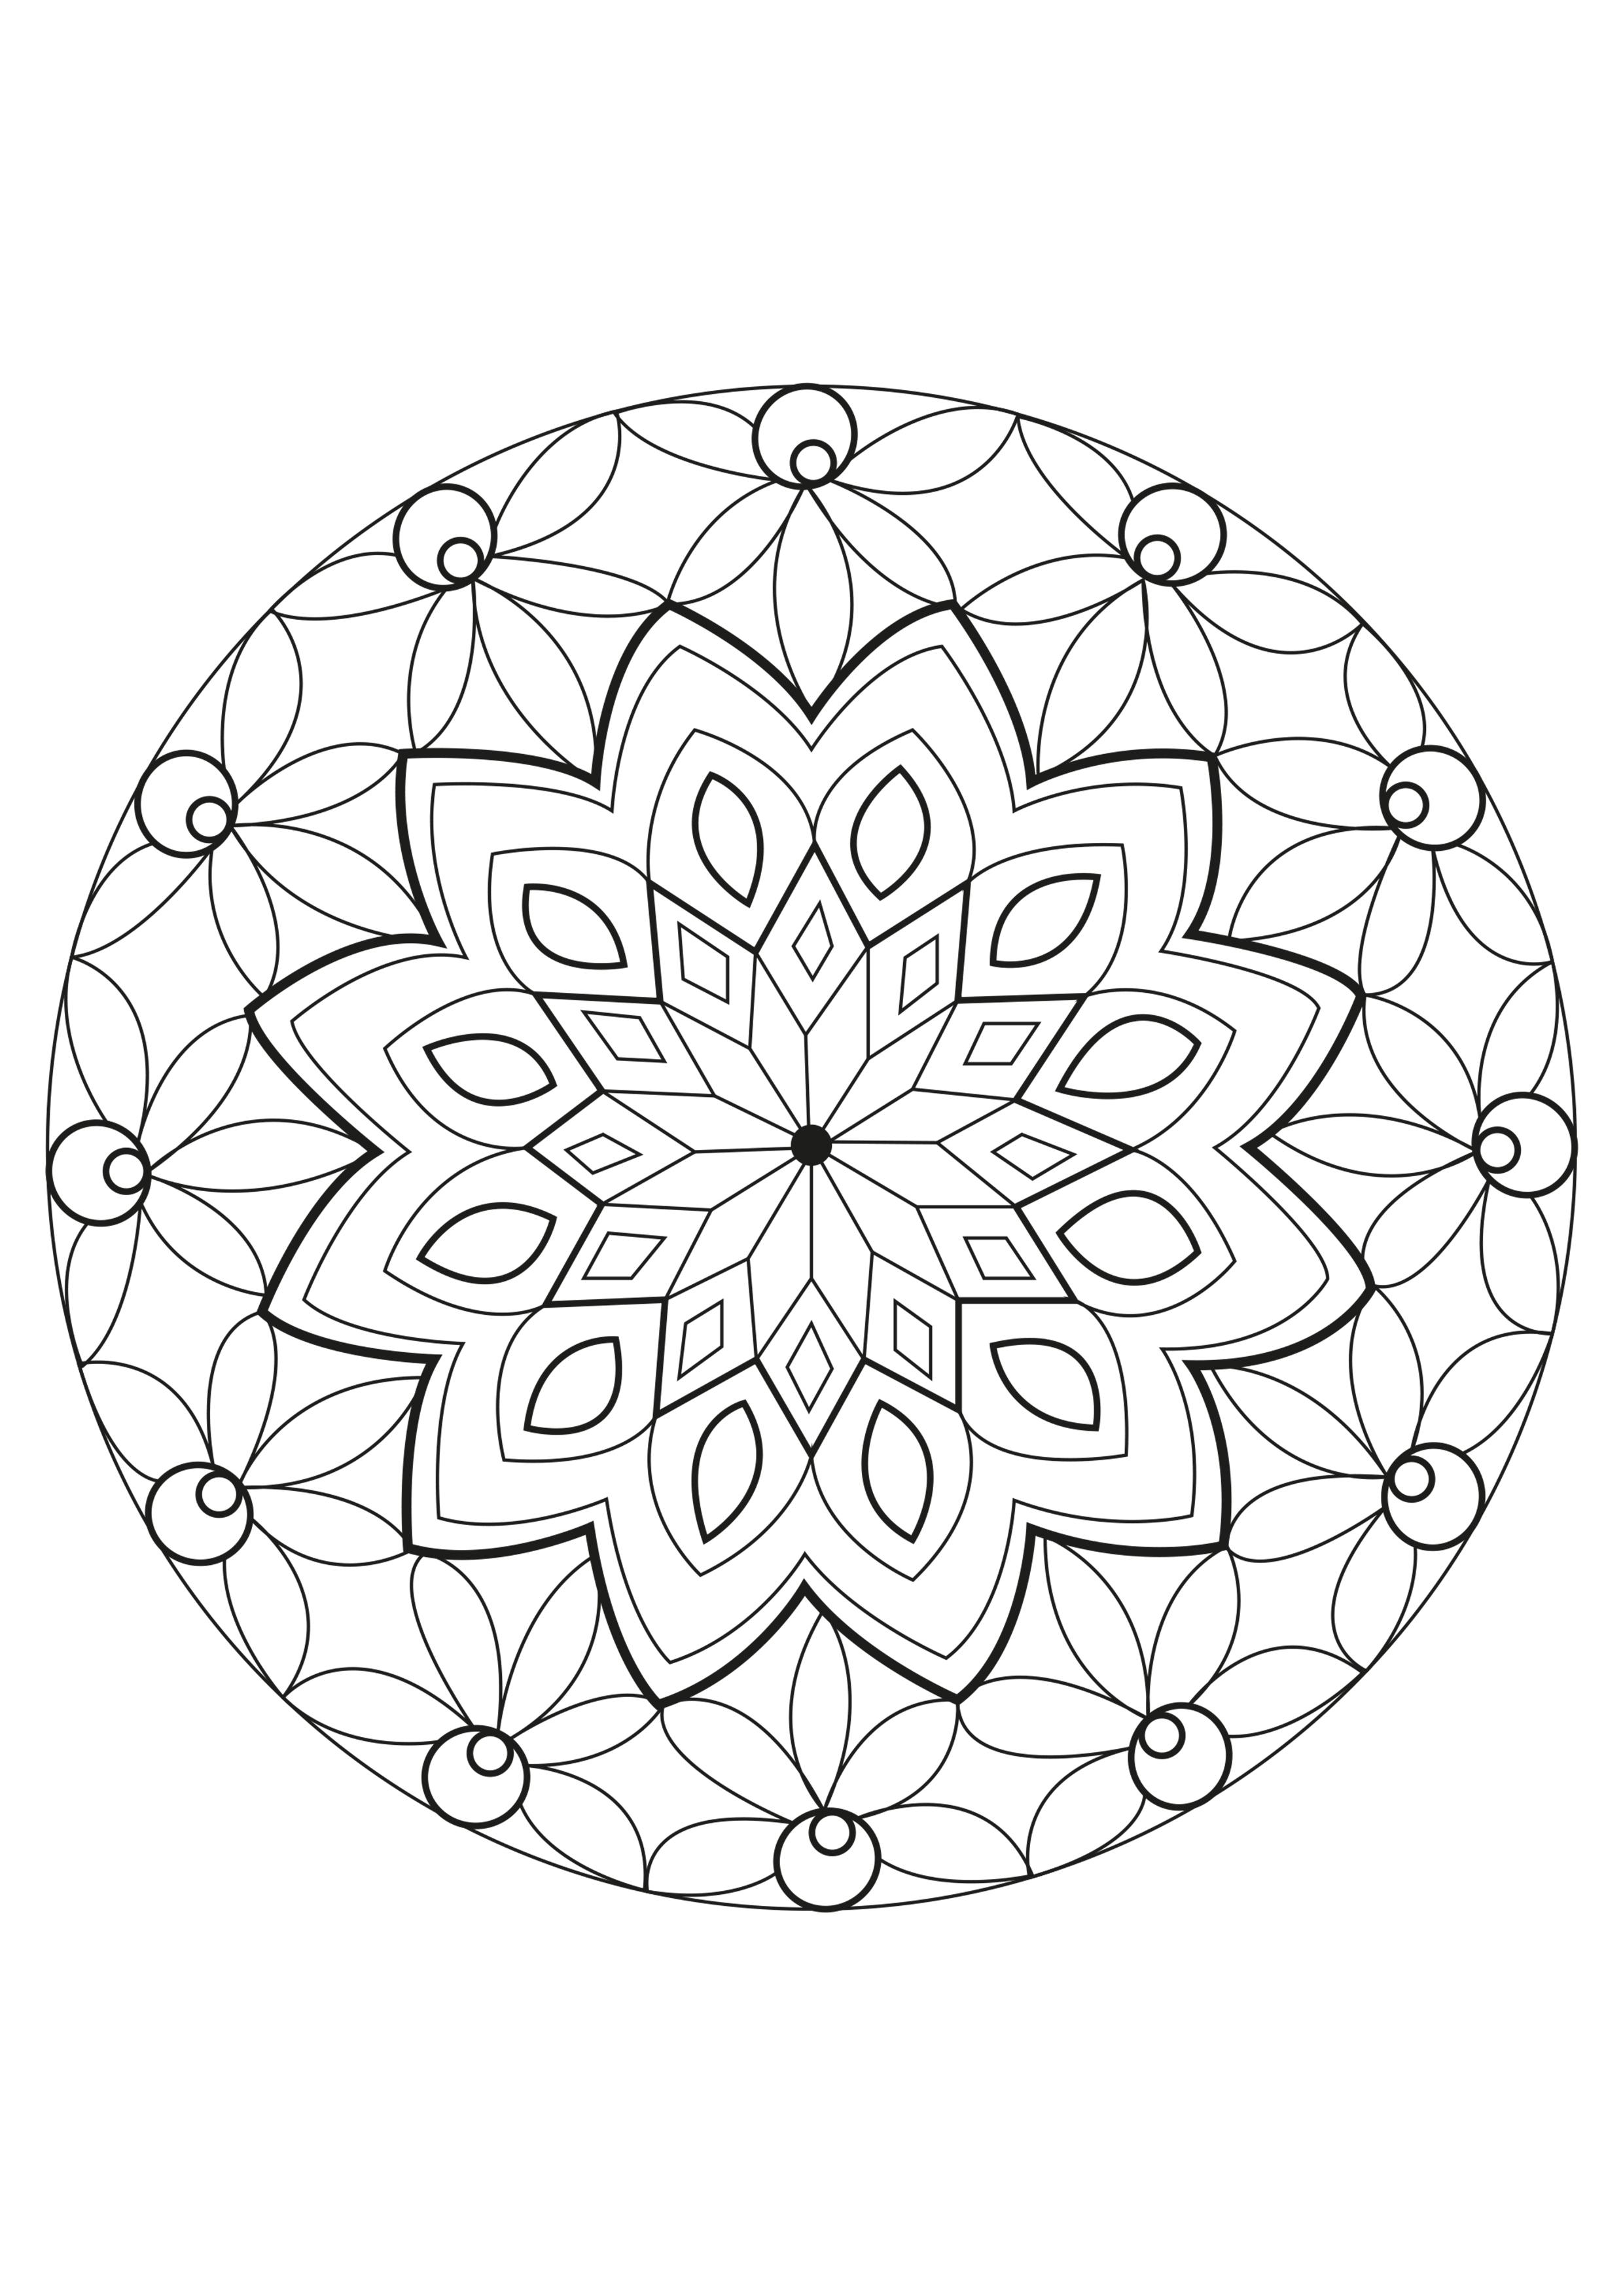 Mandala Celine - Mandalas - Coloriages Difficiles Pour Adultes dedans Coloriage Mandala Adulte